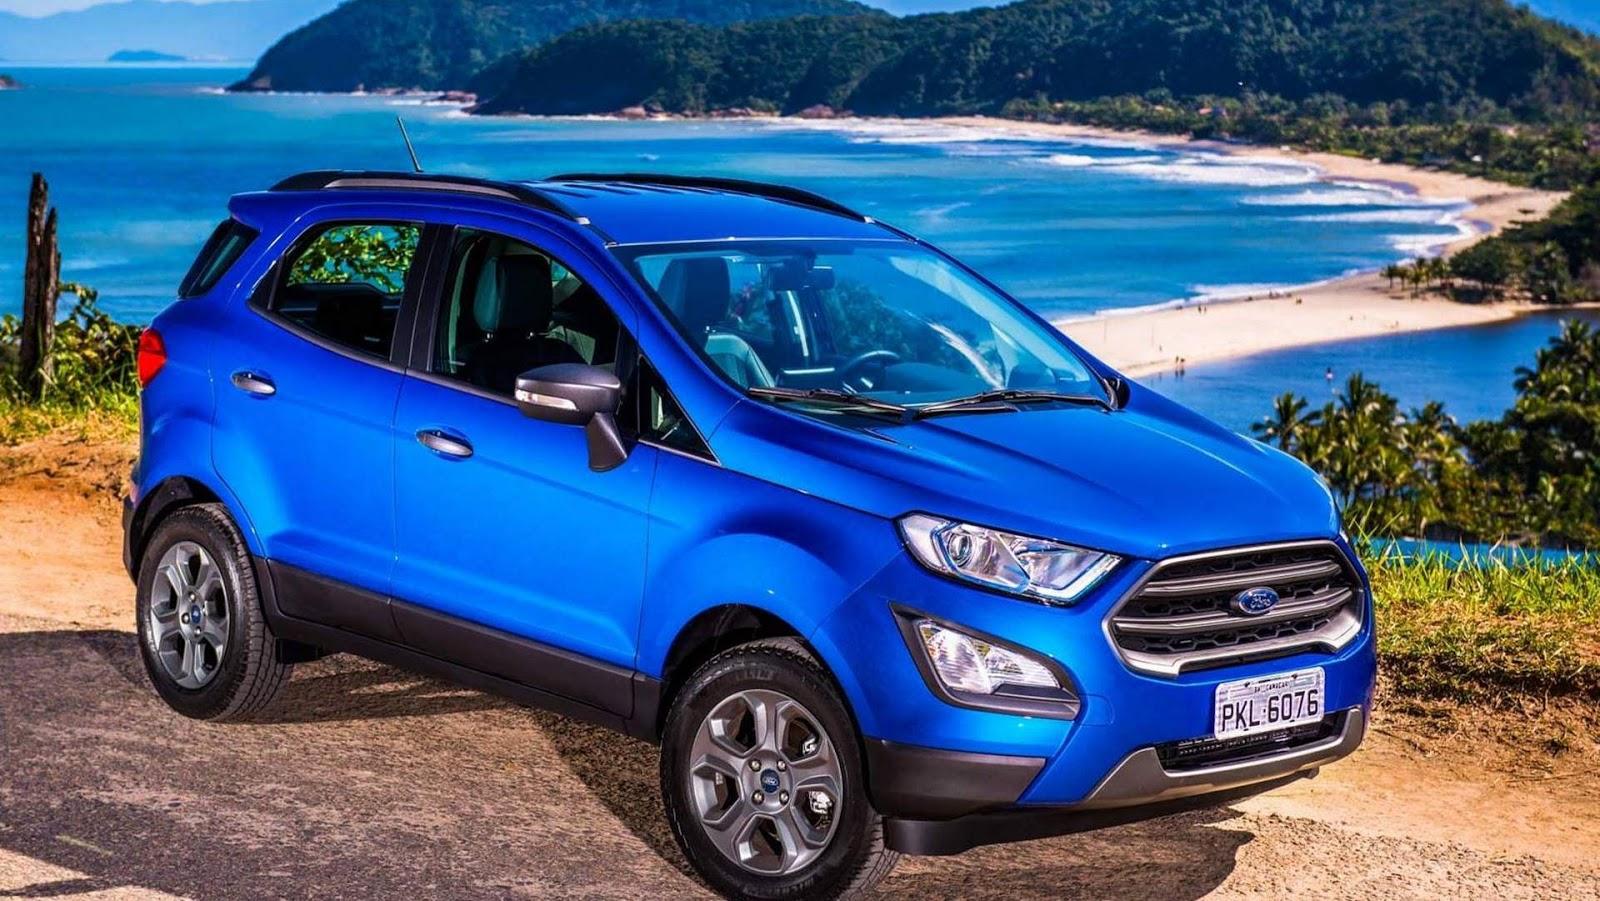 Novo ford ecosport freestyle autom tico 2018 pre o